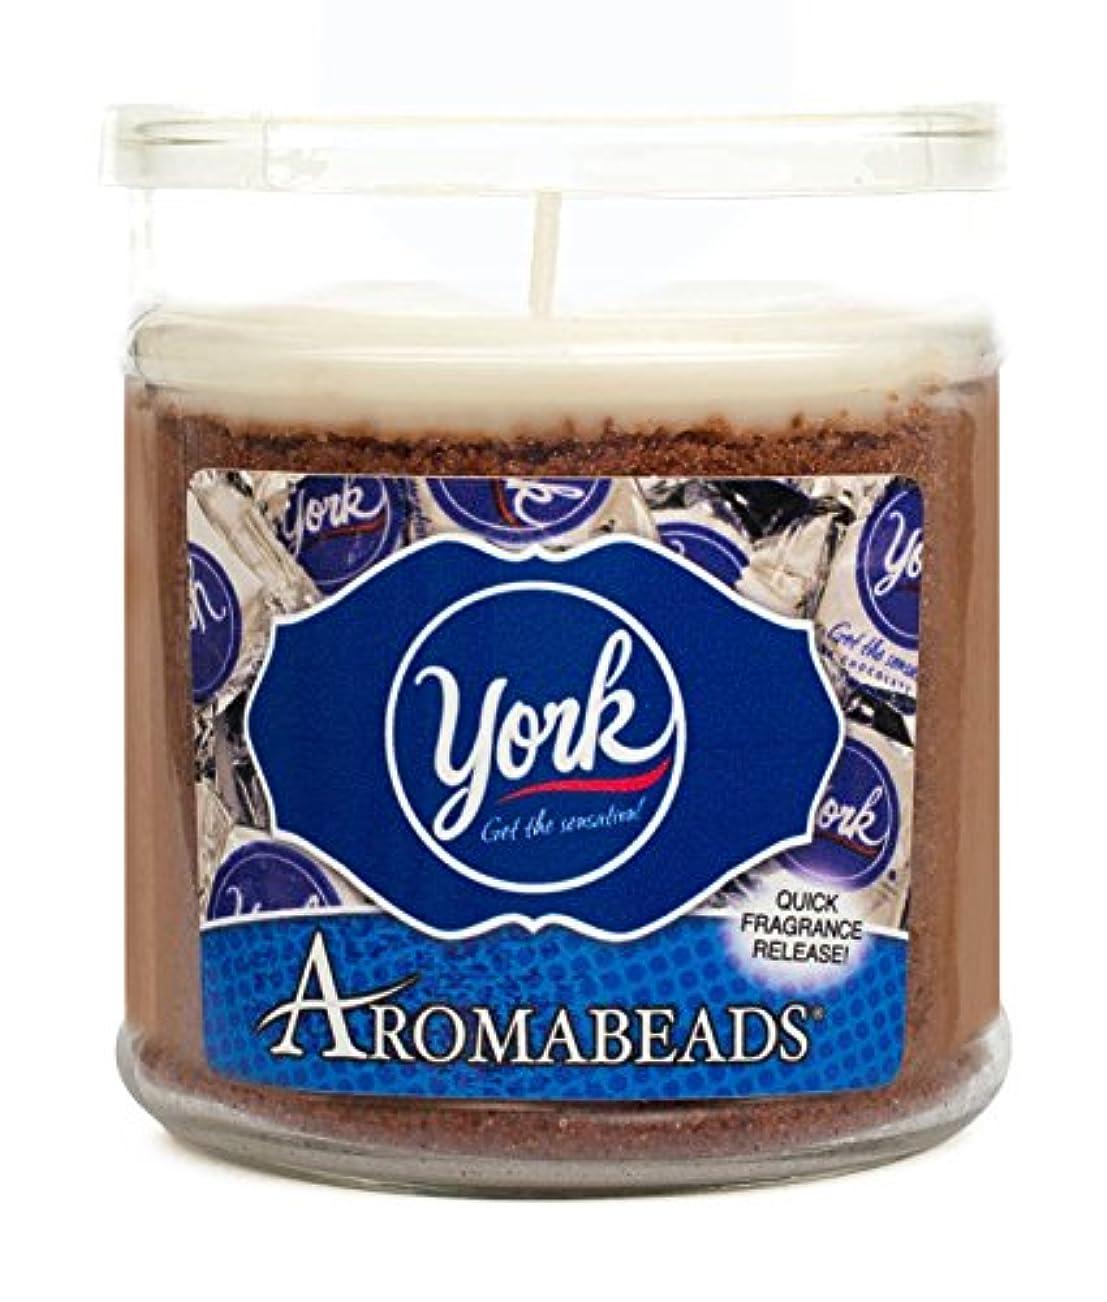 気付くプレートロッジHanna 's Aromabeads 6oz Hershey 's Candy Scented Candle ブラウン